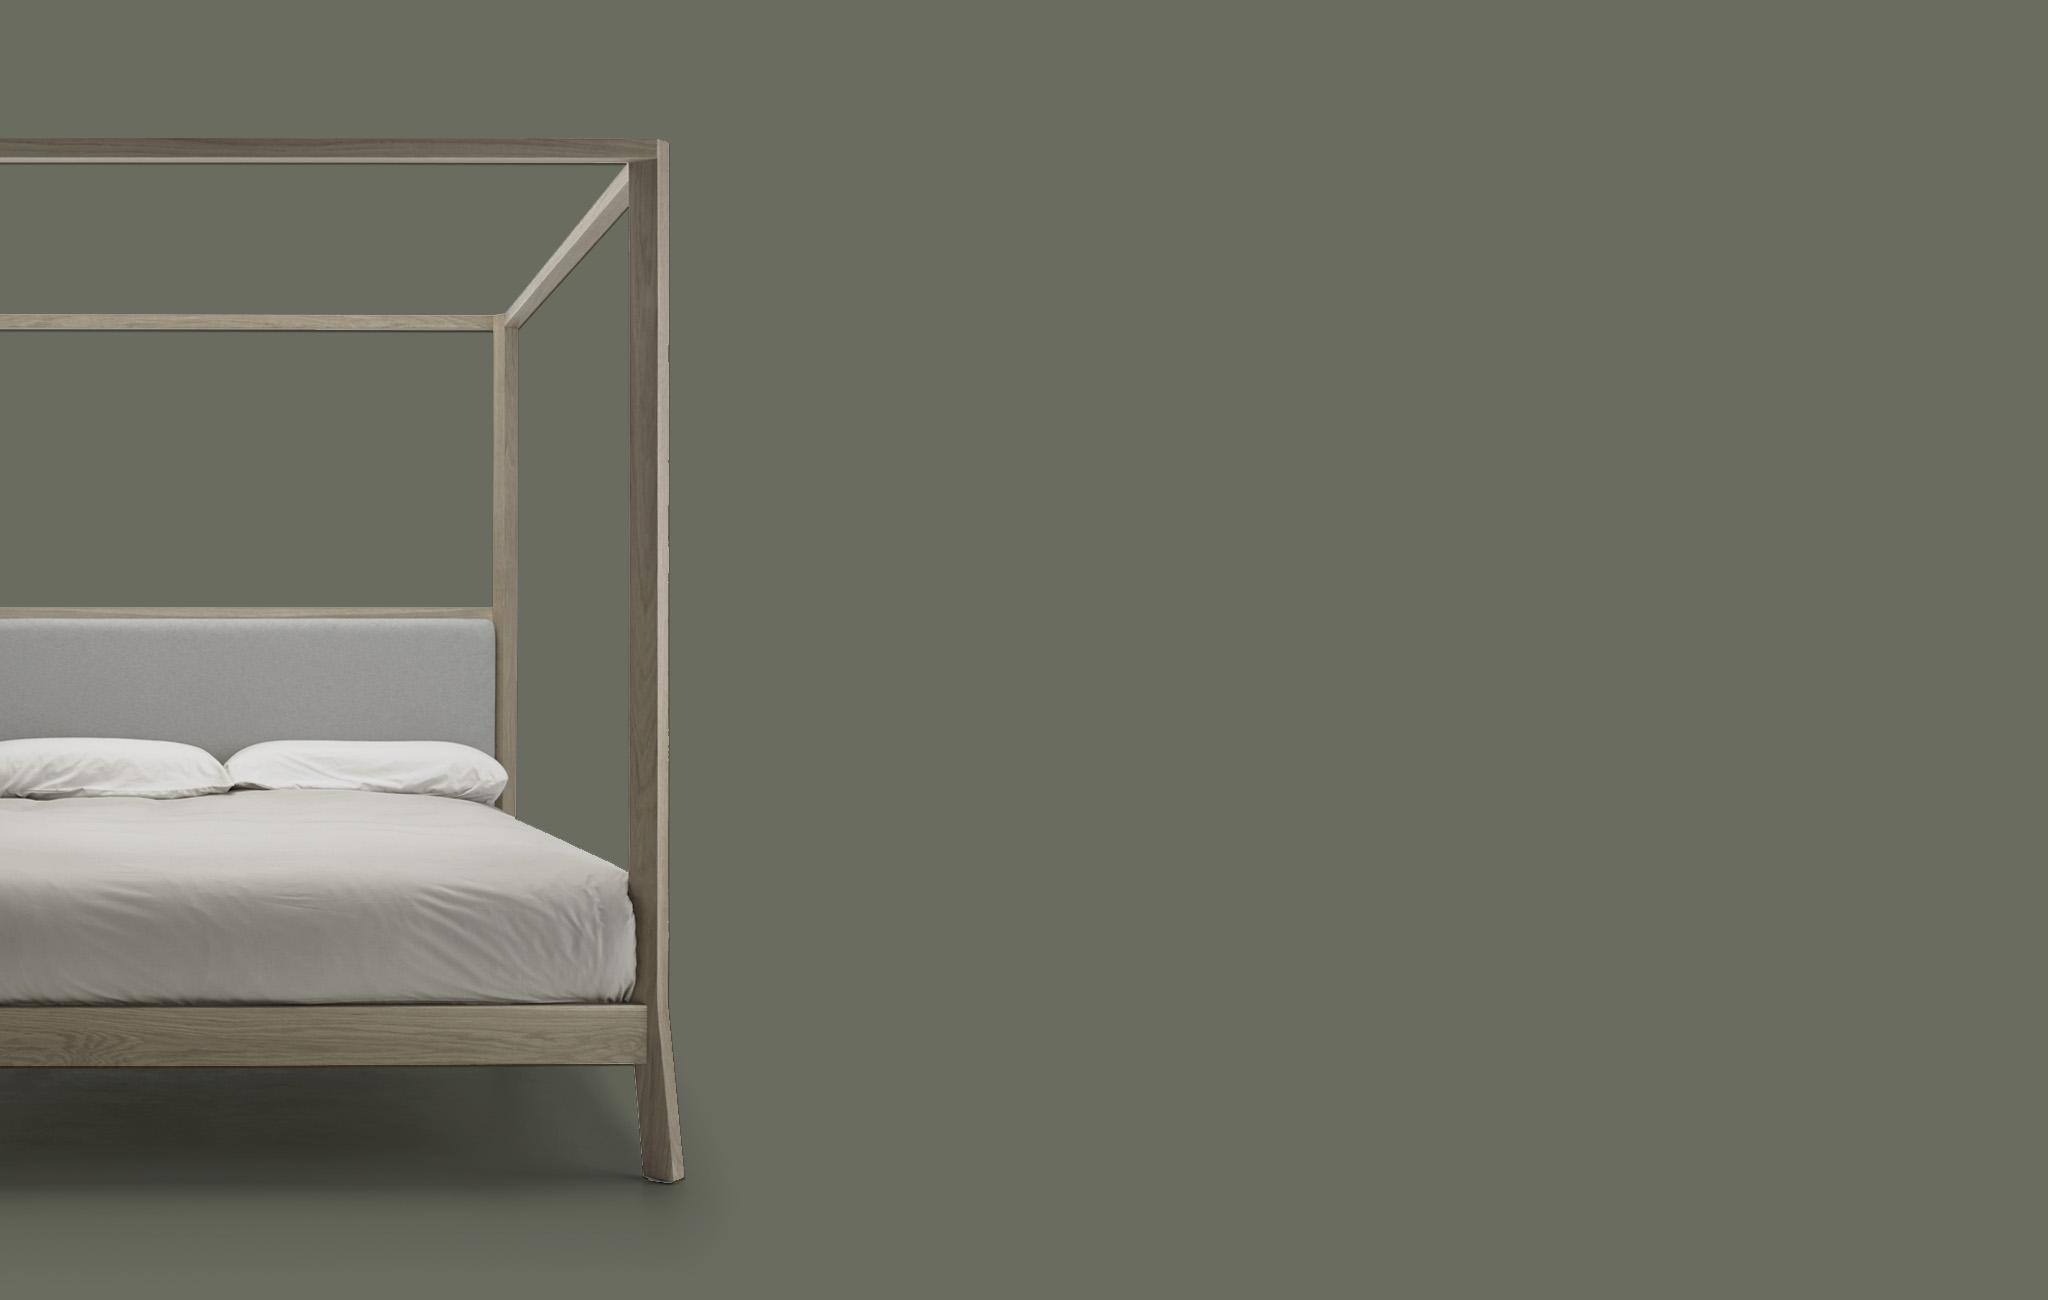 Breda Bed for Punt